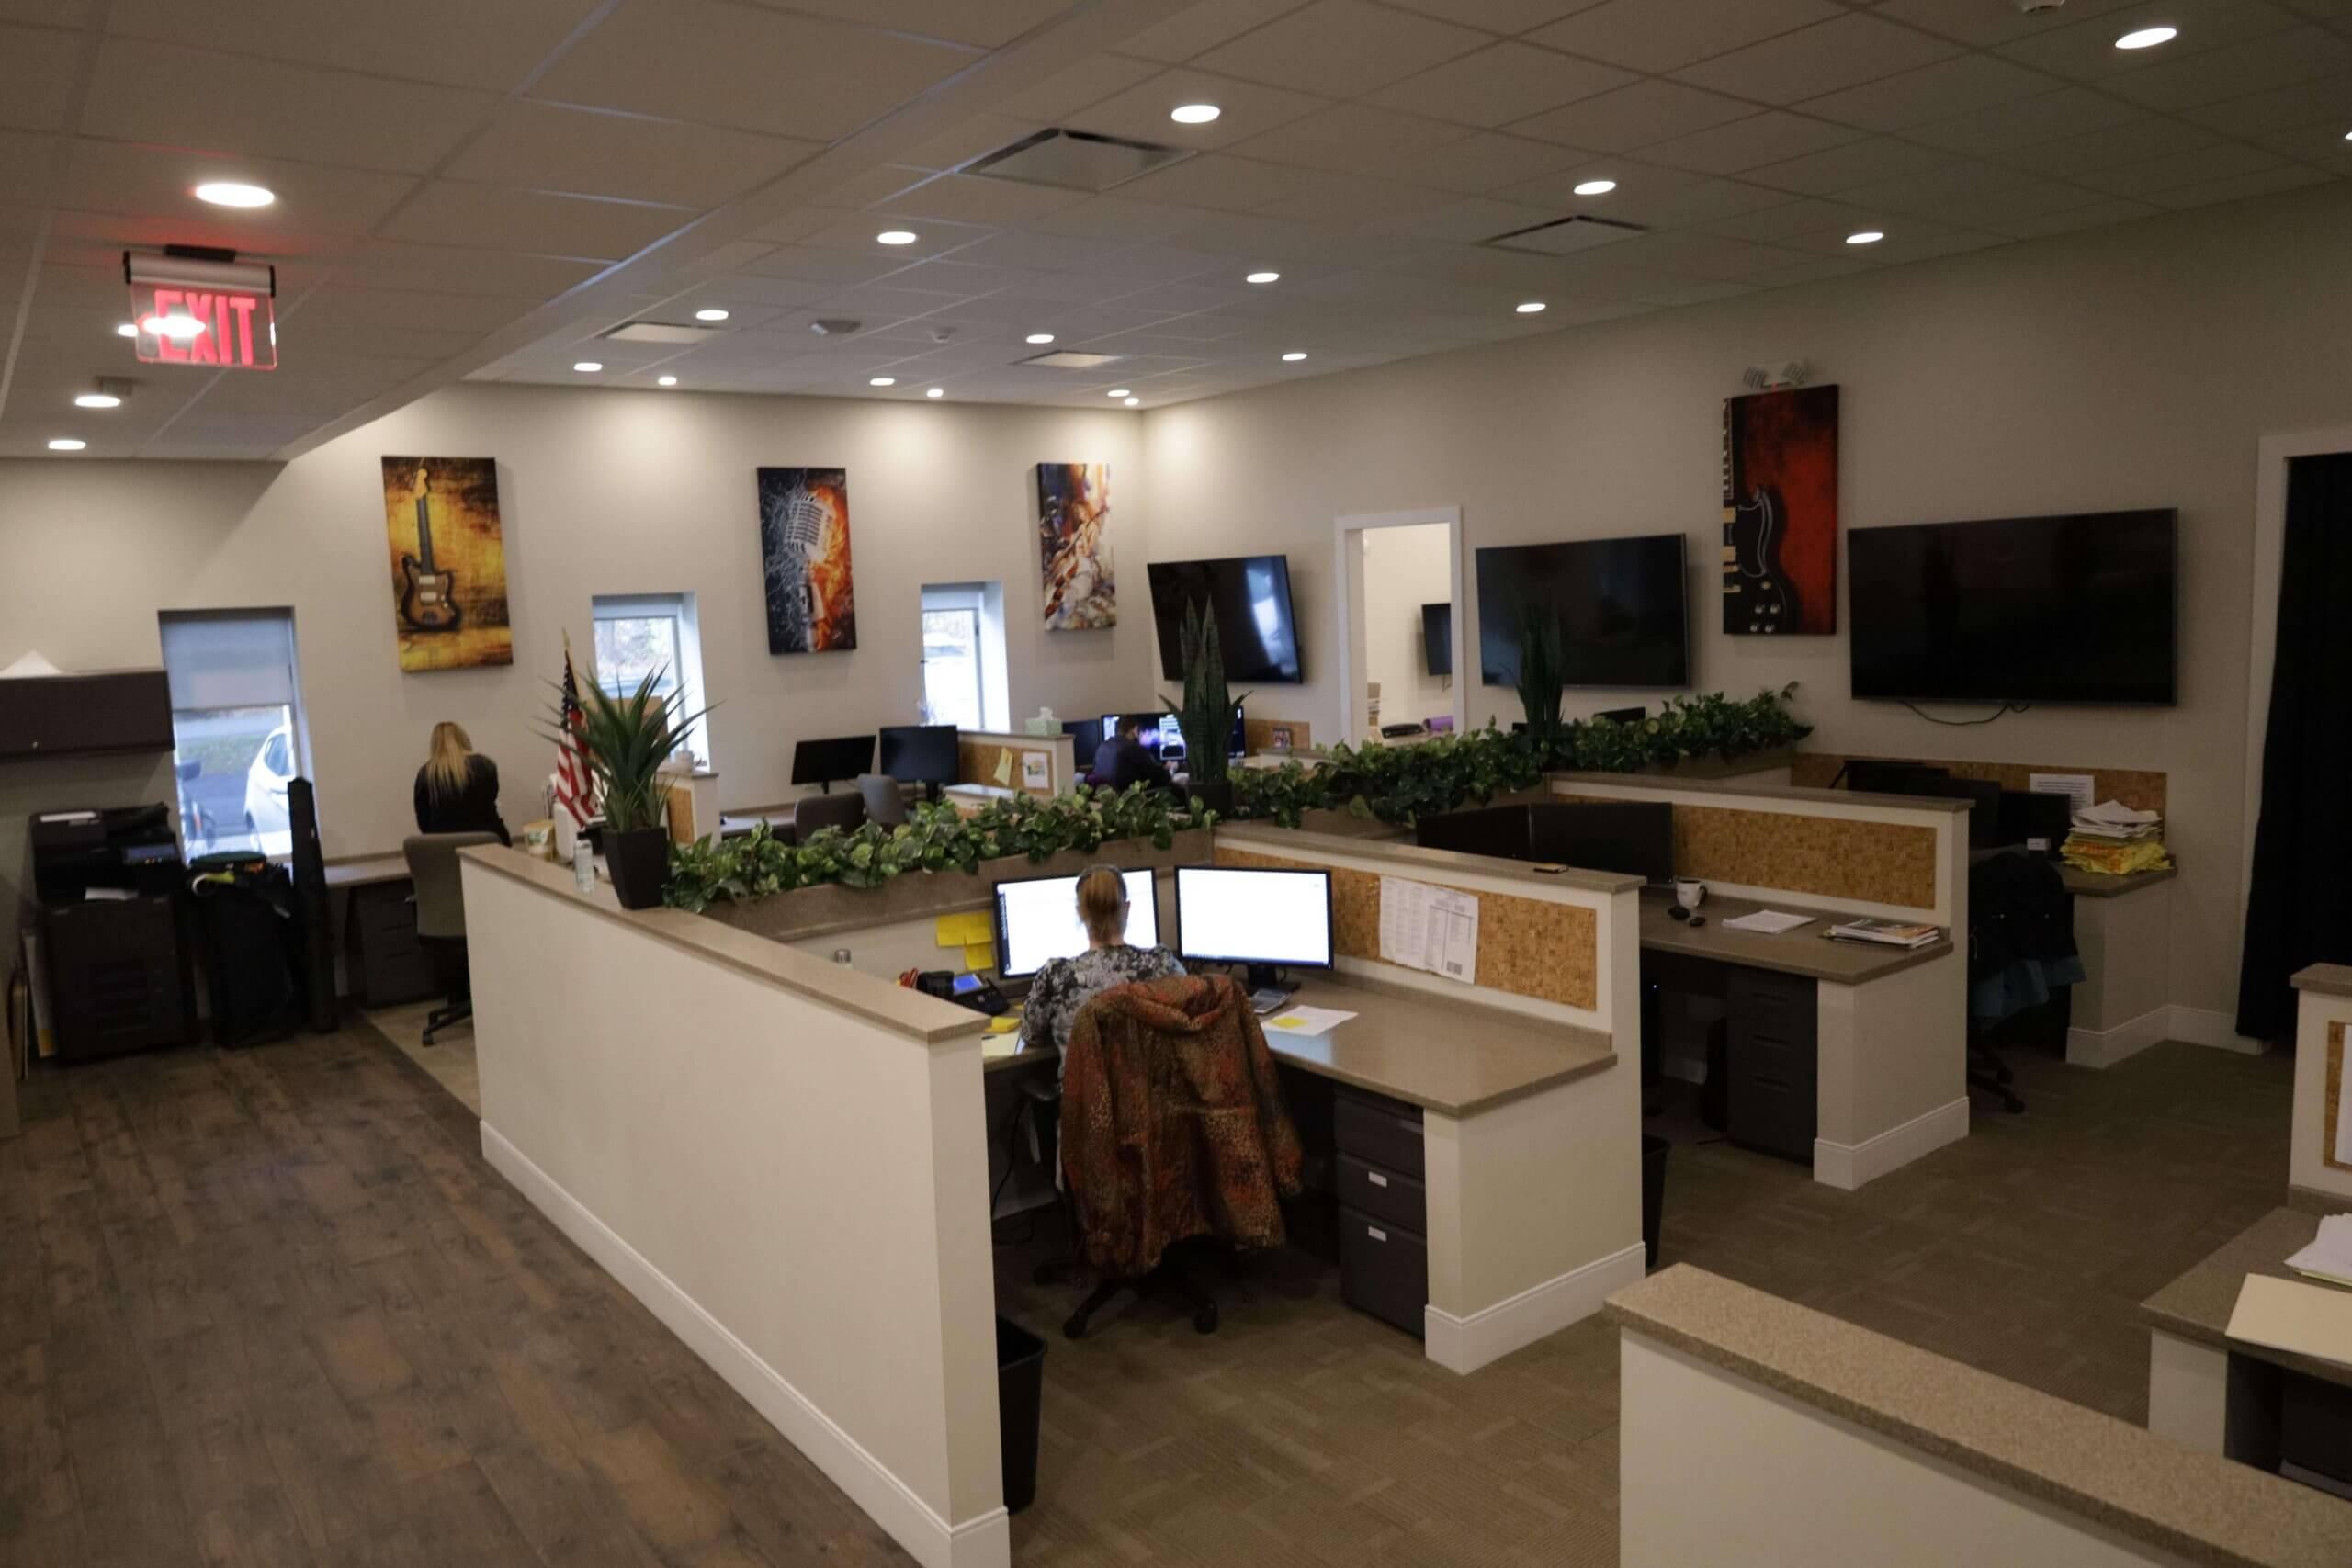 Company Photo Gallery